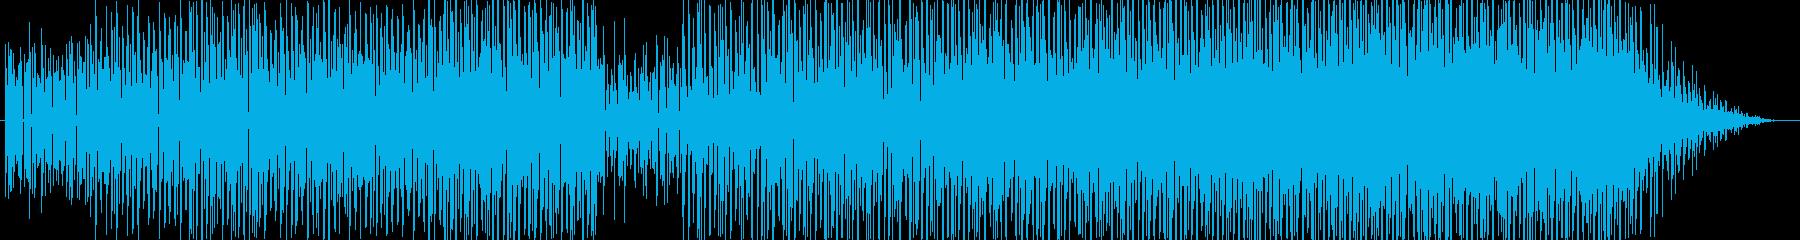 ちょっとコミカルなエレクトロポップです。の再生済みの波形